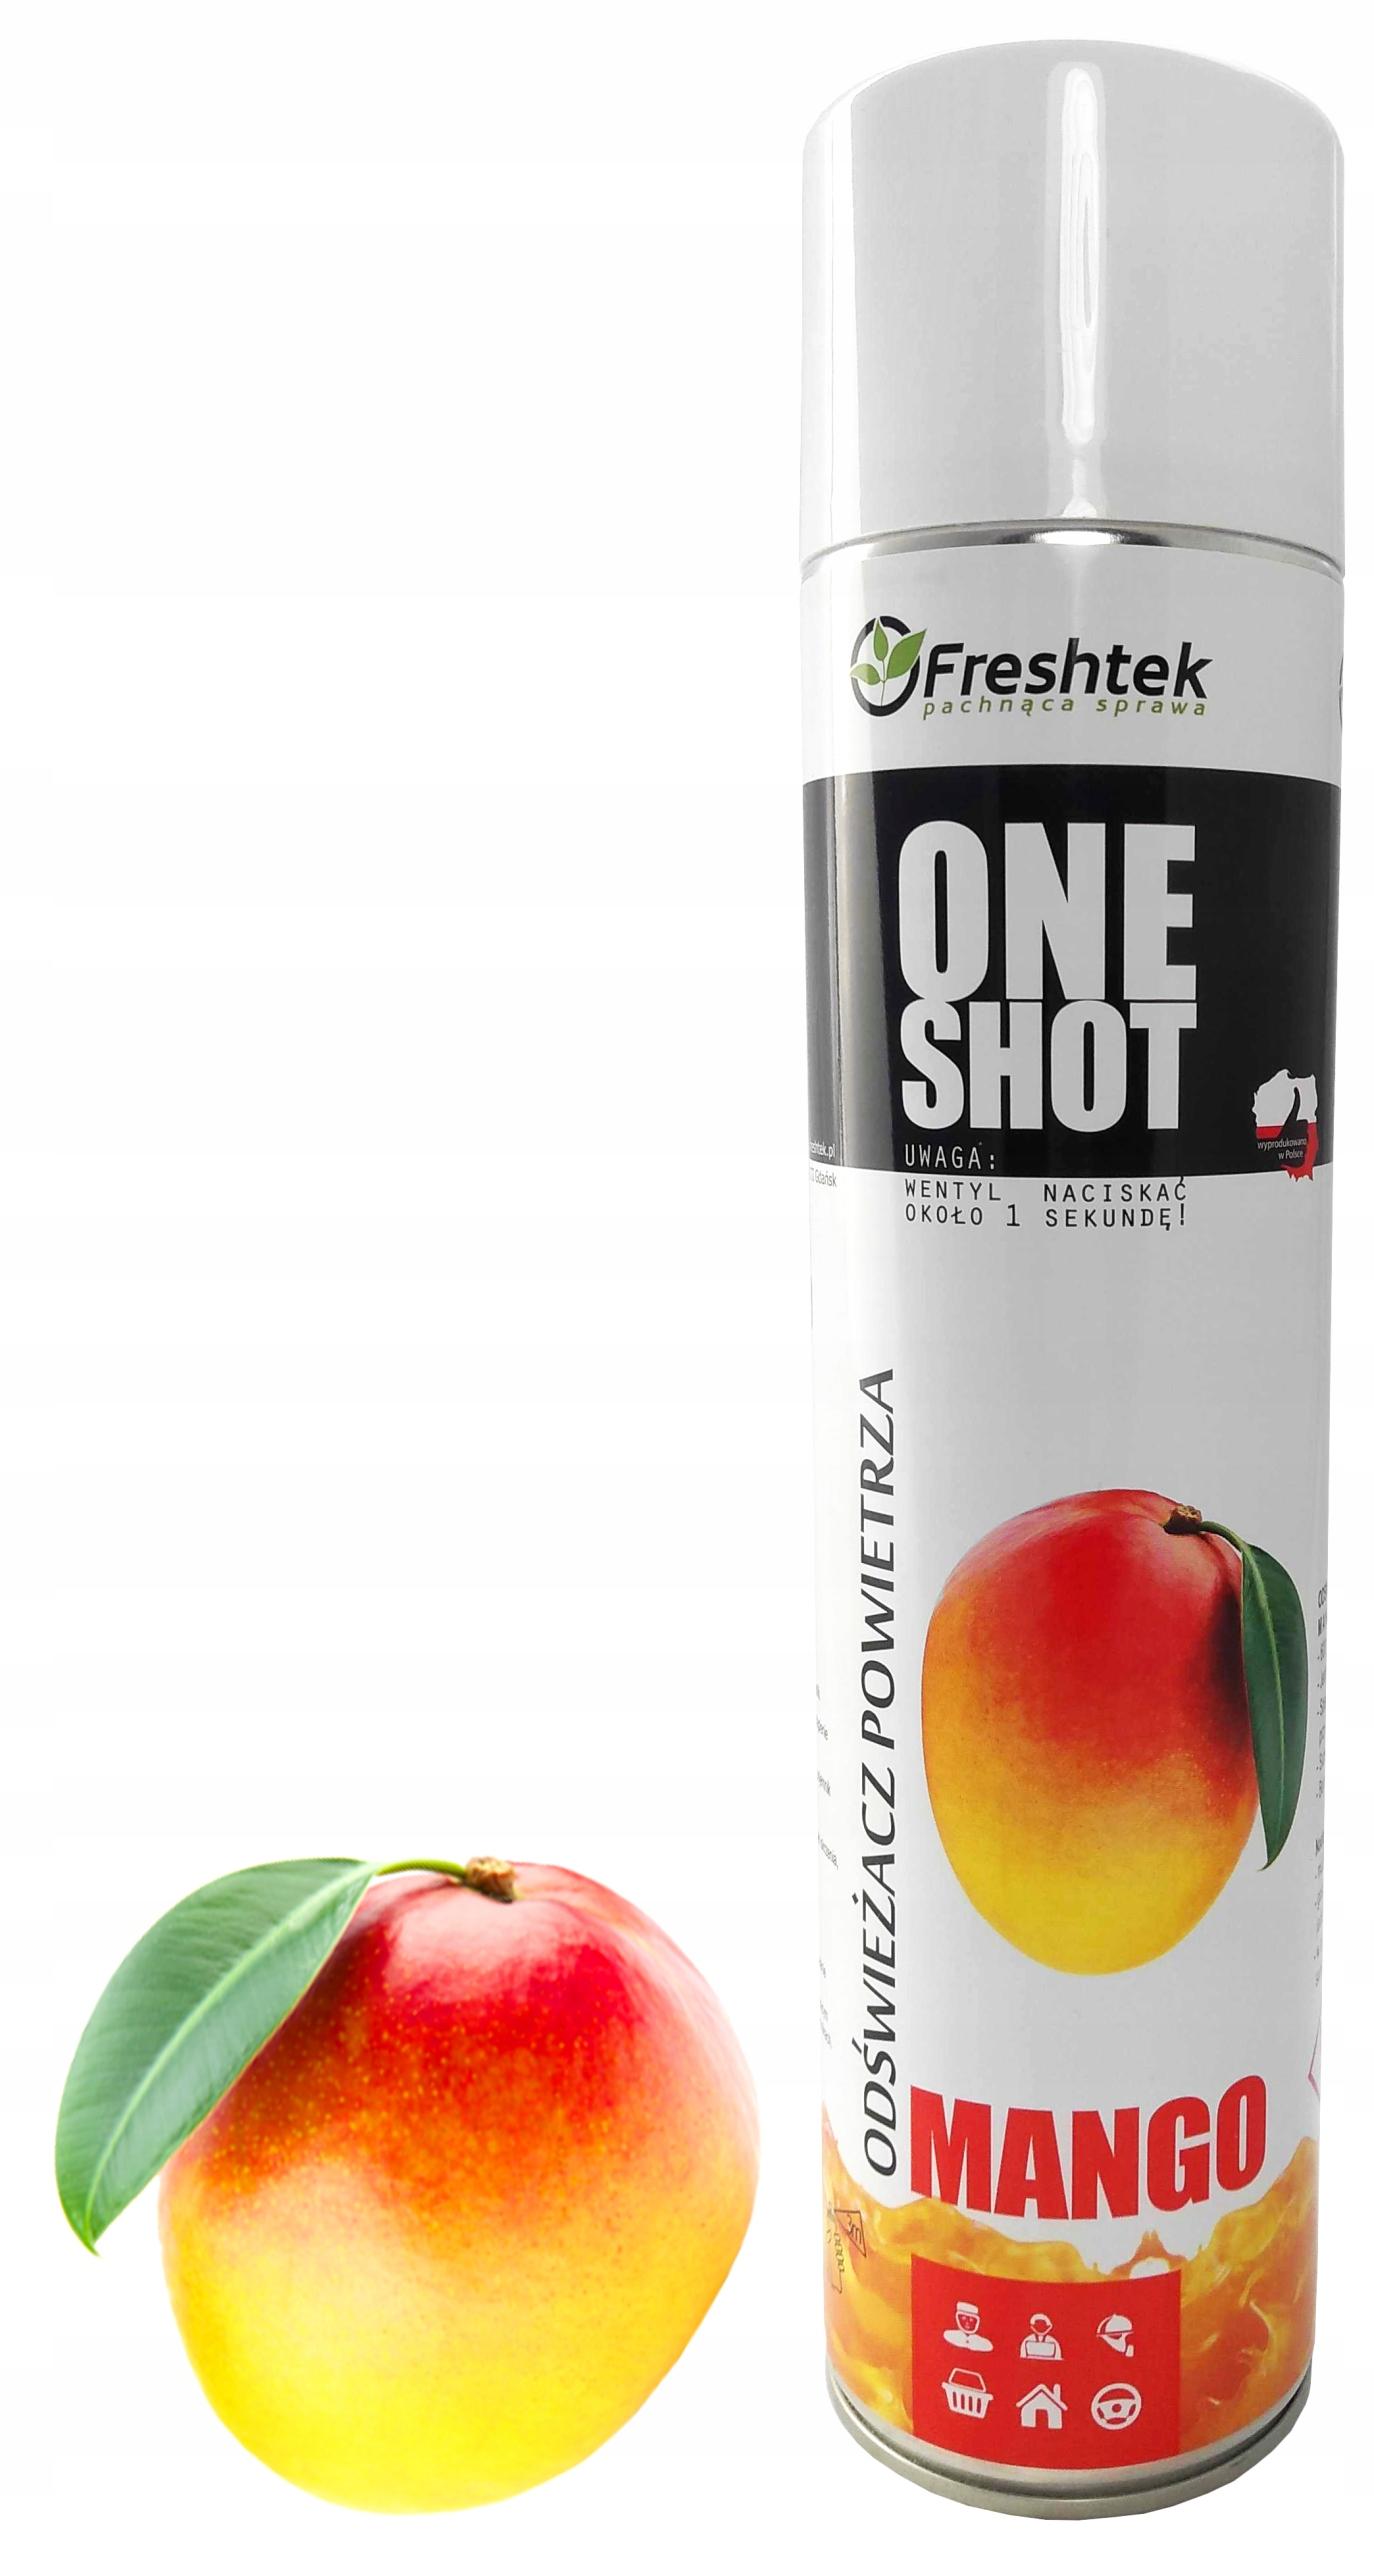 Neutralizator zapachów Freshtek ONE SHOT MANGO